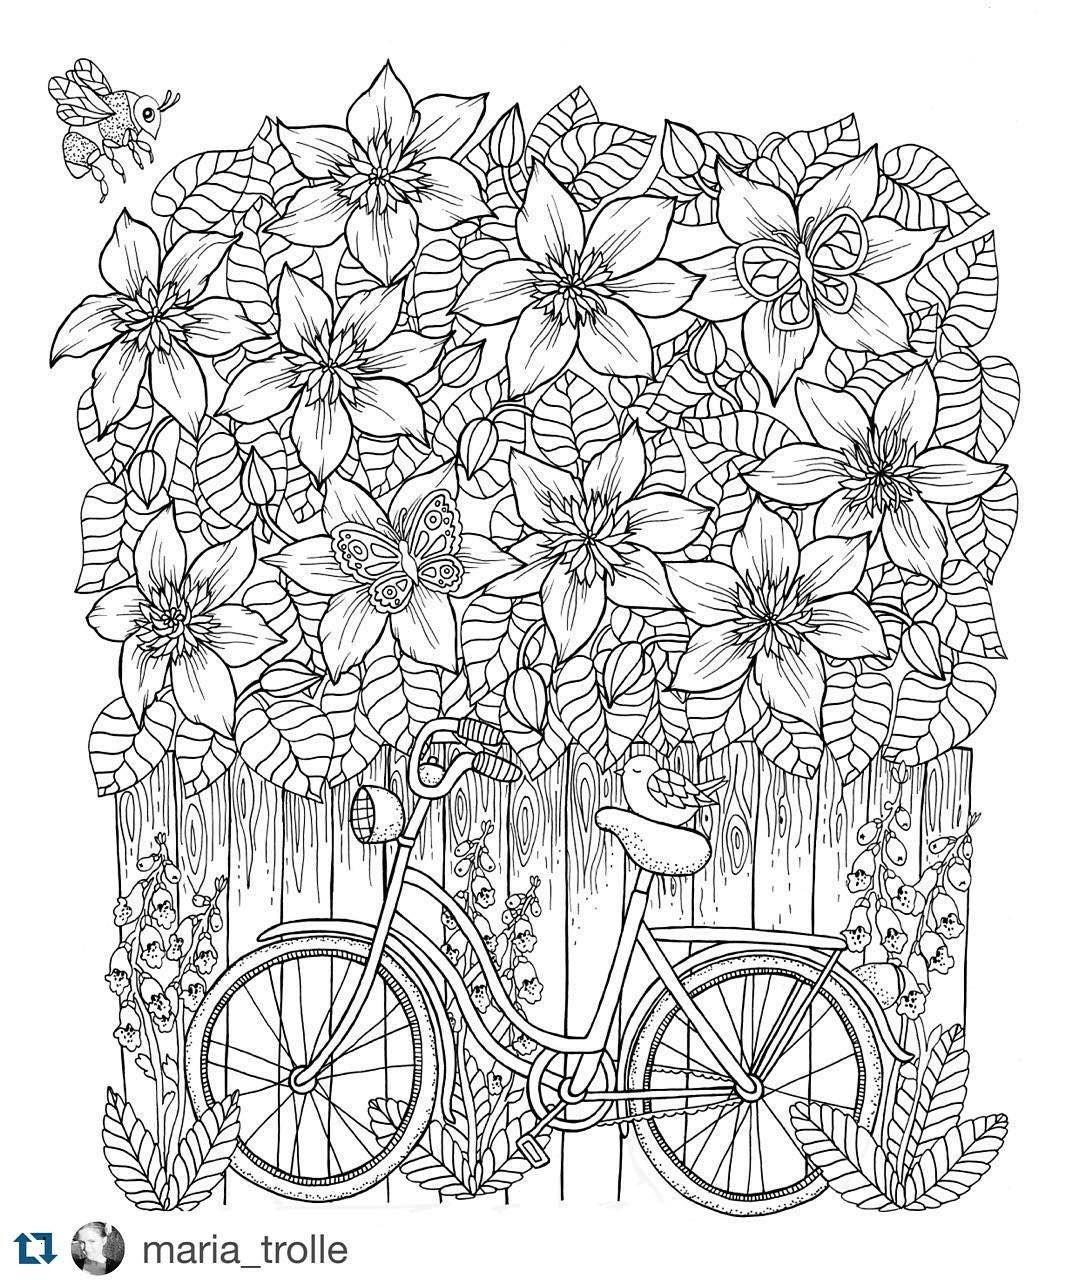 Mandala Herbst Zum Ausdrucken Inspirierend 40 Entwurf Ausmalbilder Mandala Herbst Treehouse Nyc Das Bild